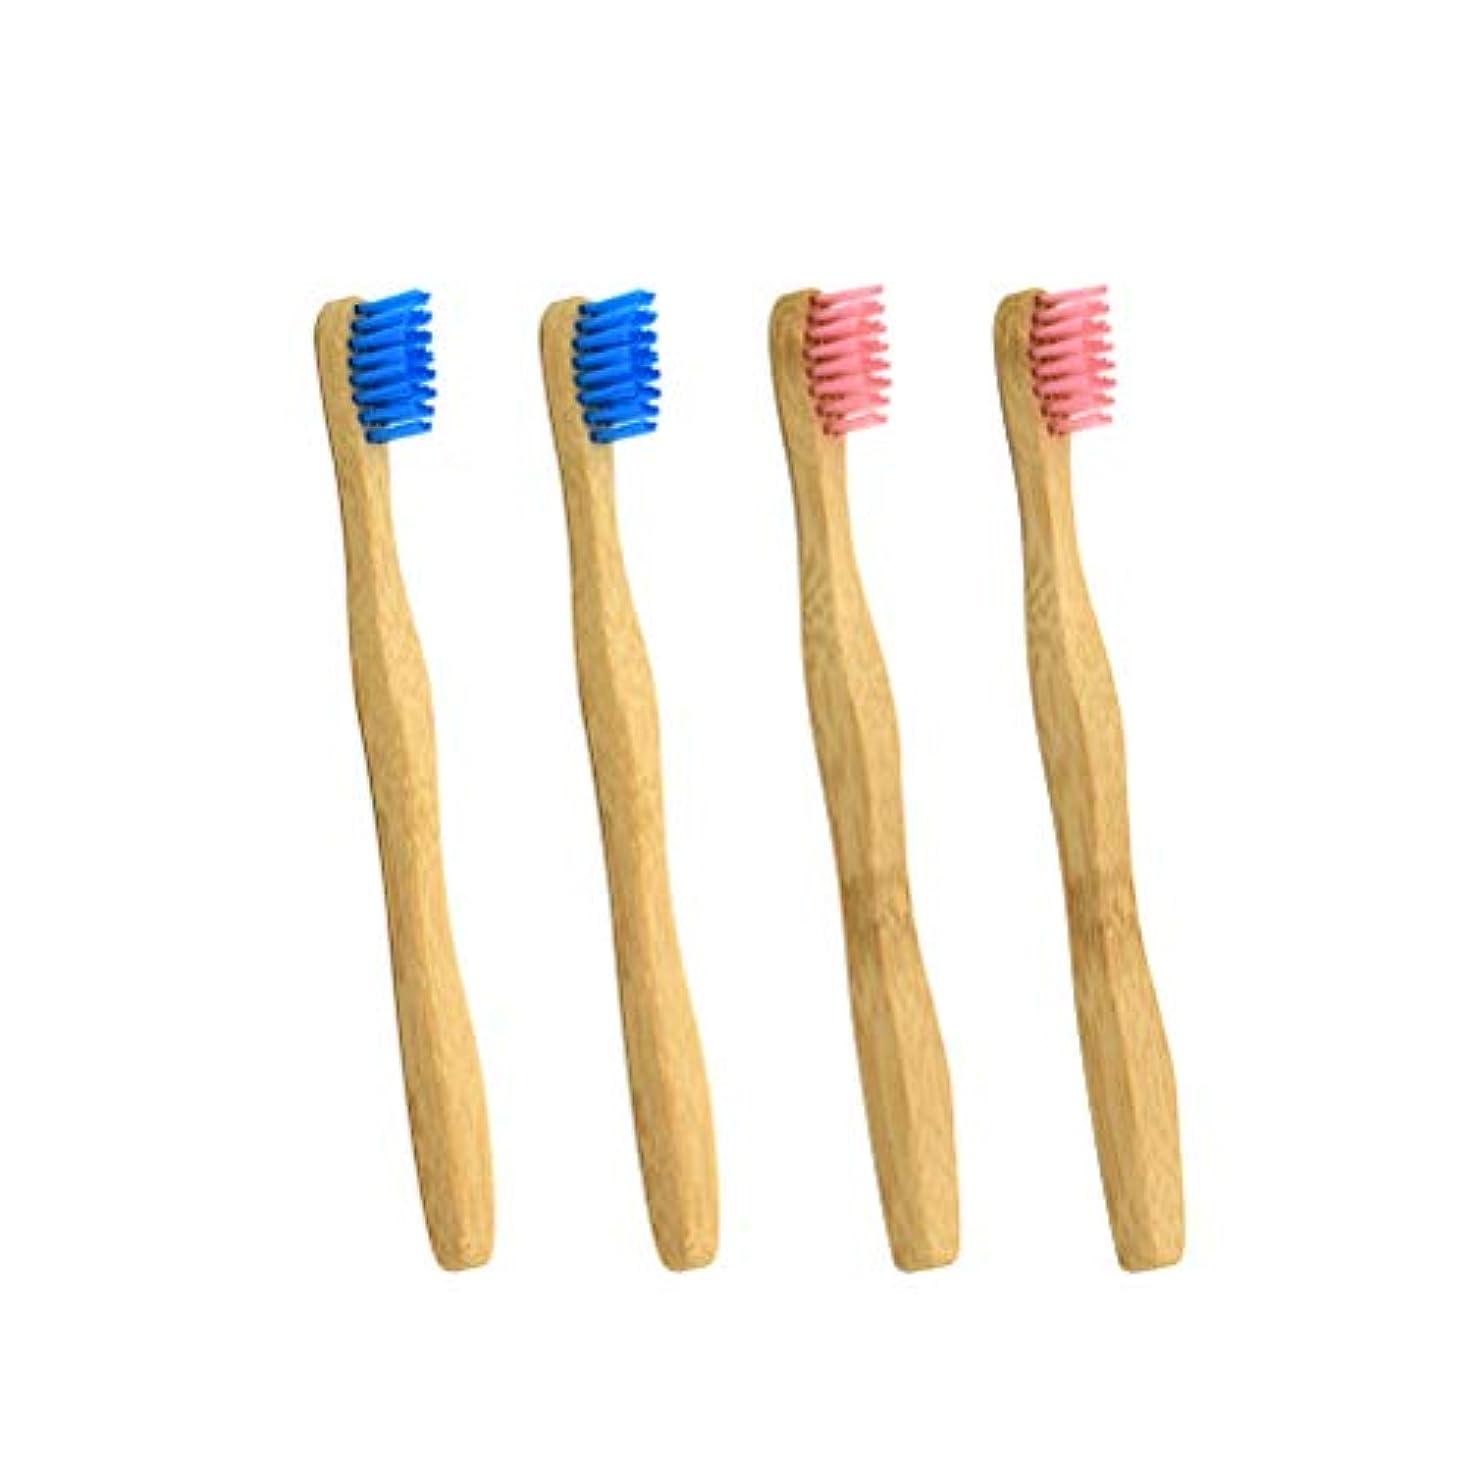 マニフェストラダ氷Healifty 子供旅行のための竹の歯ブラシの木炭剛毛使い捨てのナイロン歯ブラシ(ピンクとピンク各2本)